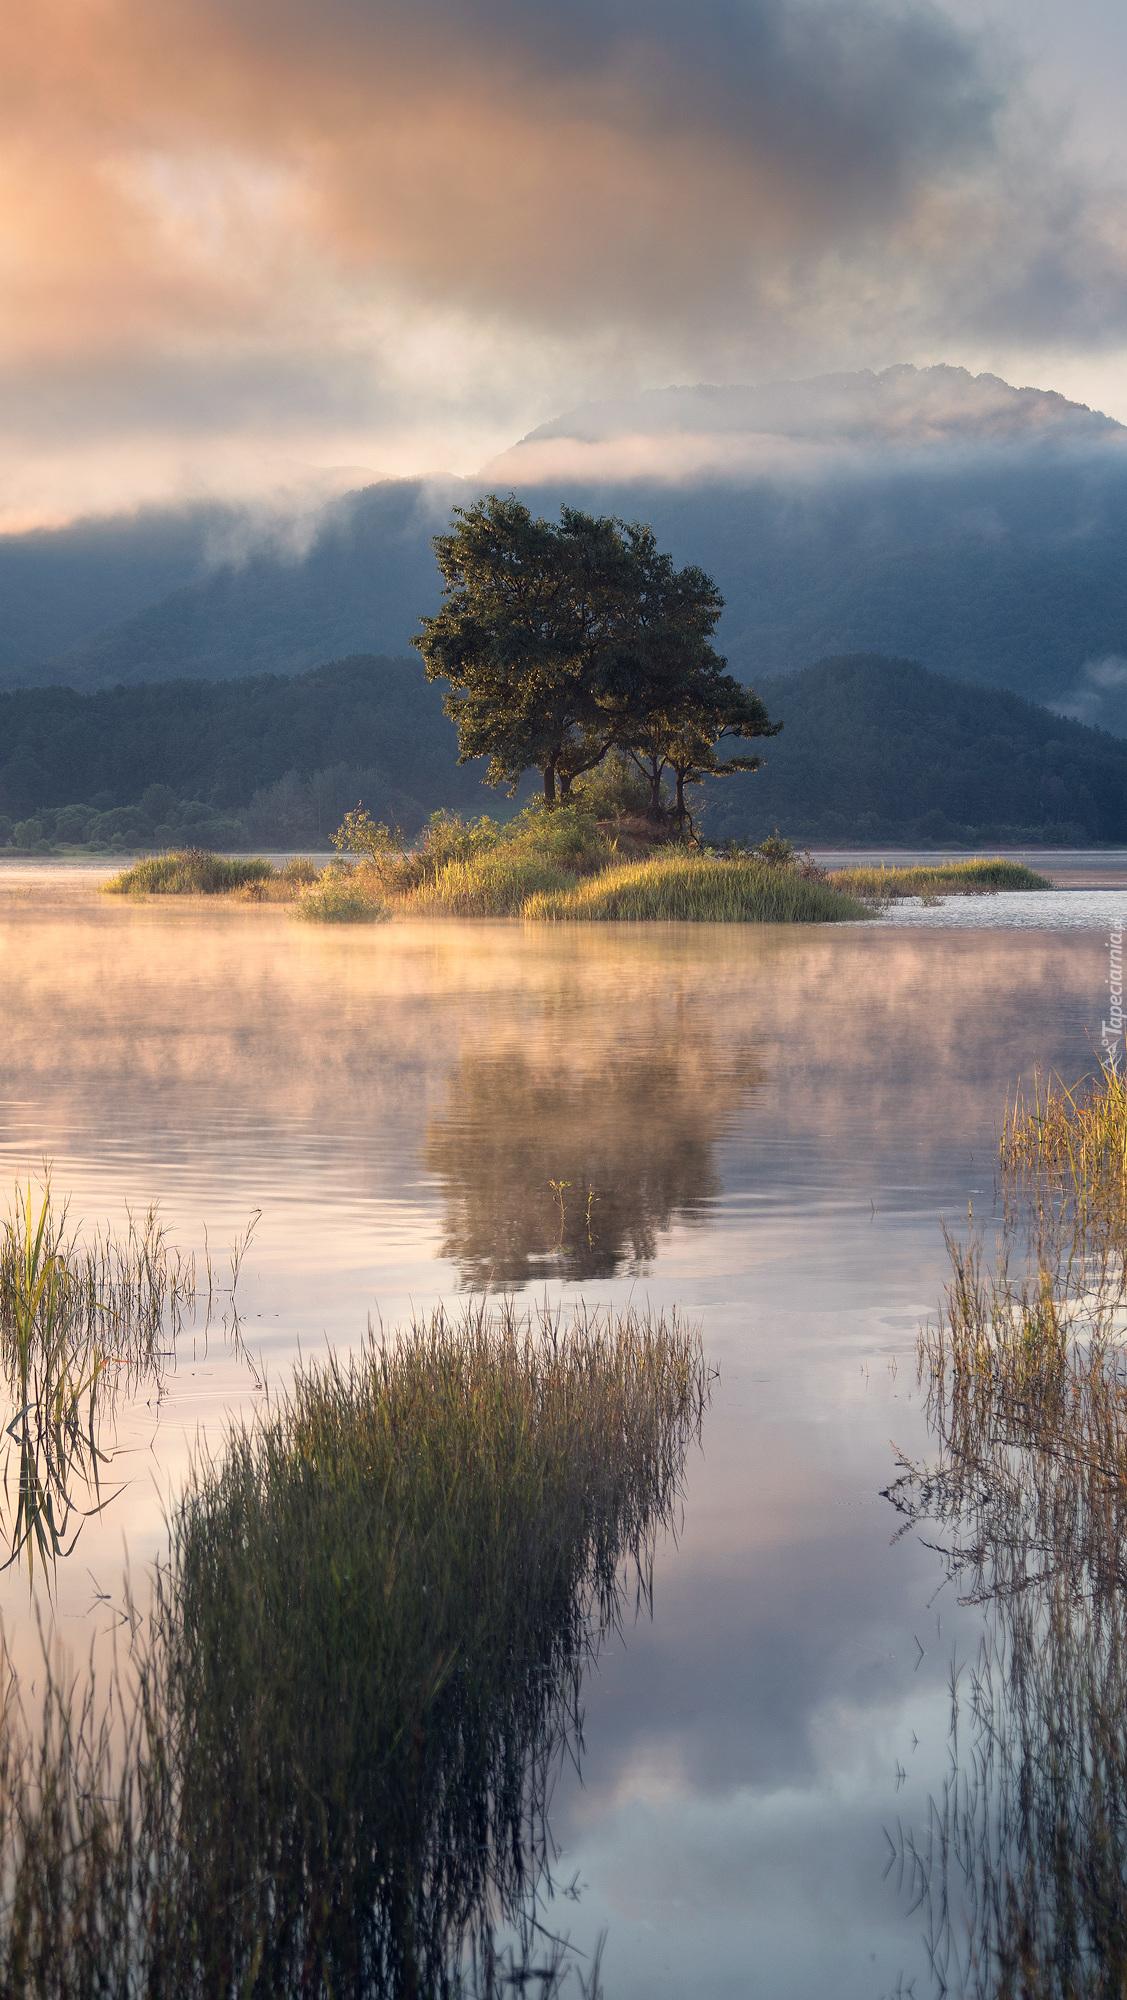 Drzewo na wysepce przy brzegu jeziora